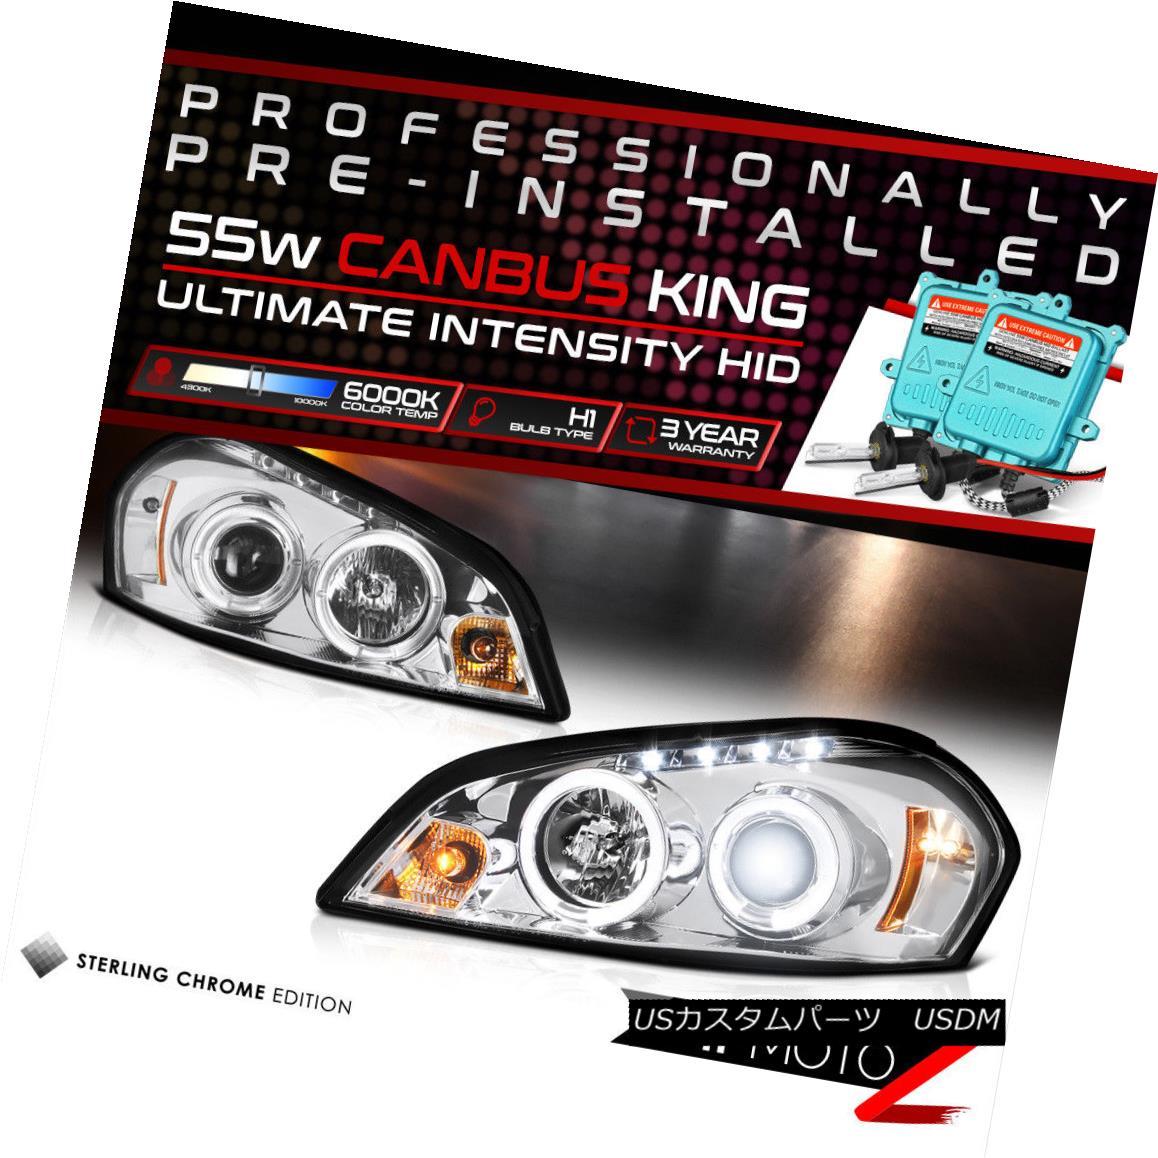 ヘッドライト !55W HID Built-In! 06-13 Chevy Impala Chrome Dual LED Halo Projector Headlight !55W HID内蔵! 06-13シボレーインパラクロームデュアルLEDハロープロジェクターヘッドライト